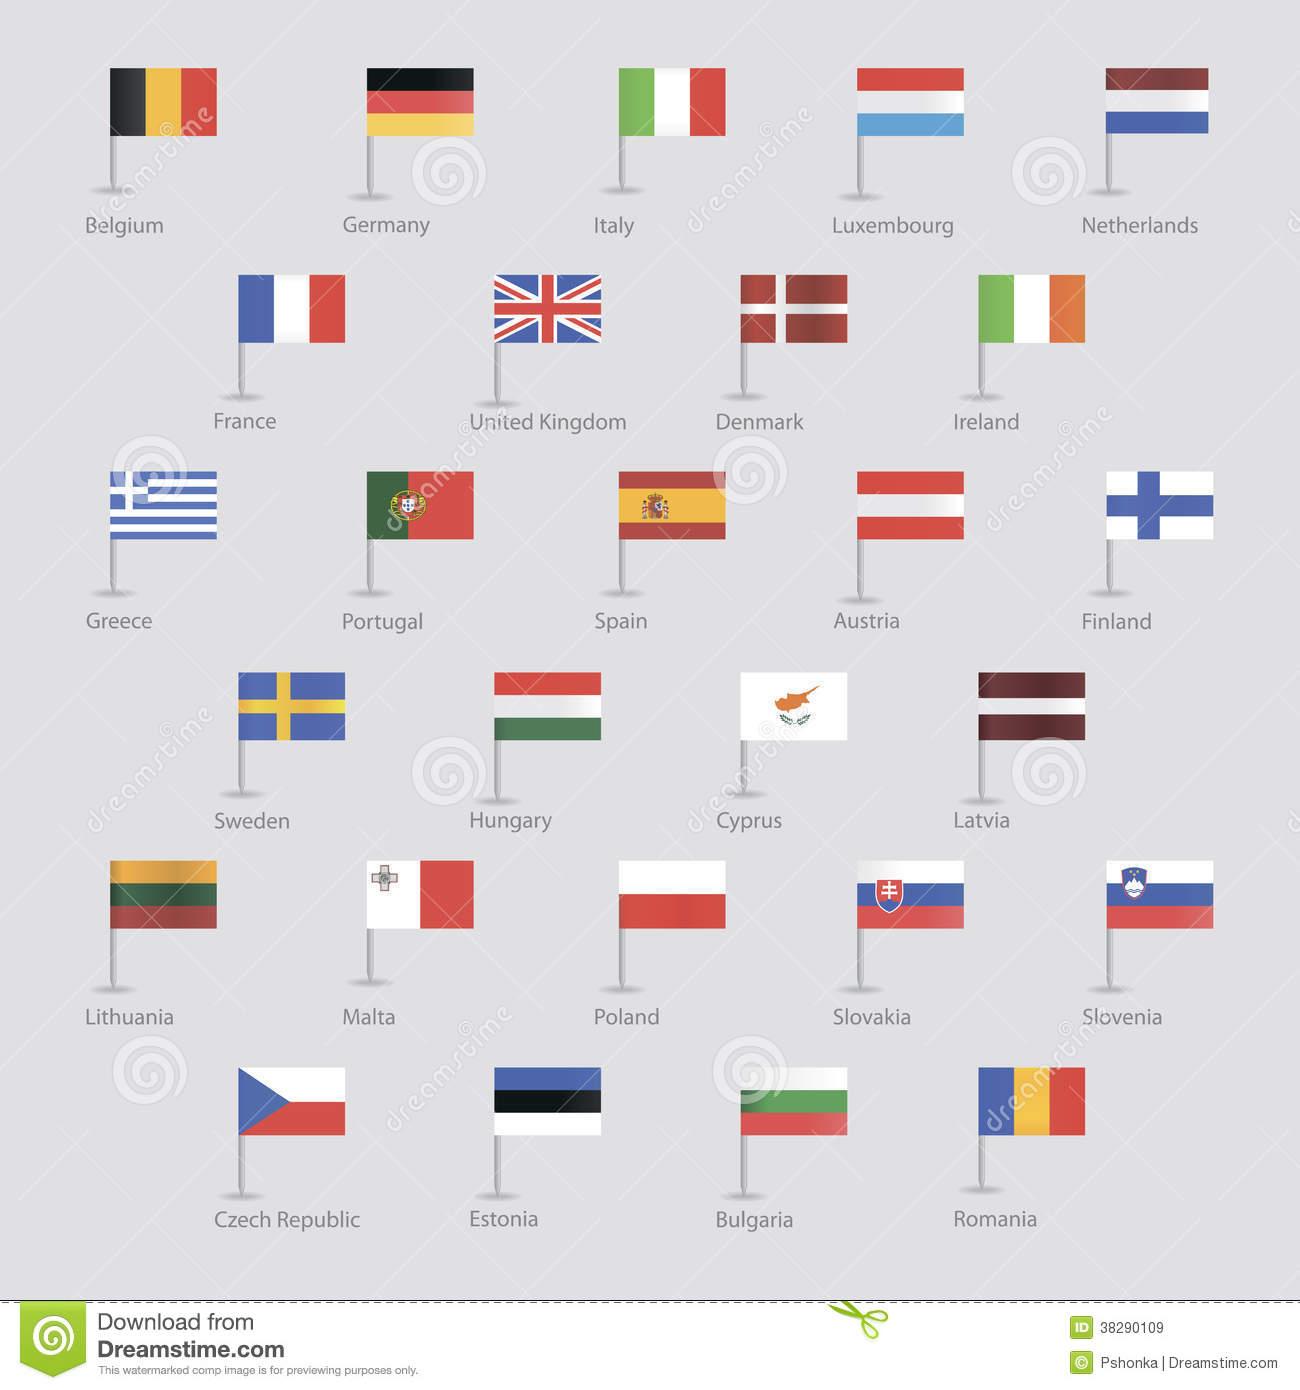 Flaggen Von Eu-Ländern Vektor Abbildung. Illustration Von innen Flaggen Der Eu Länder